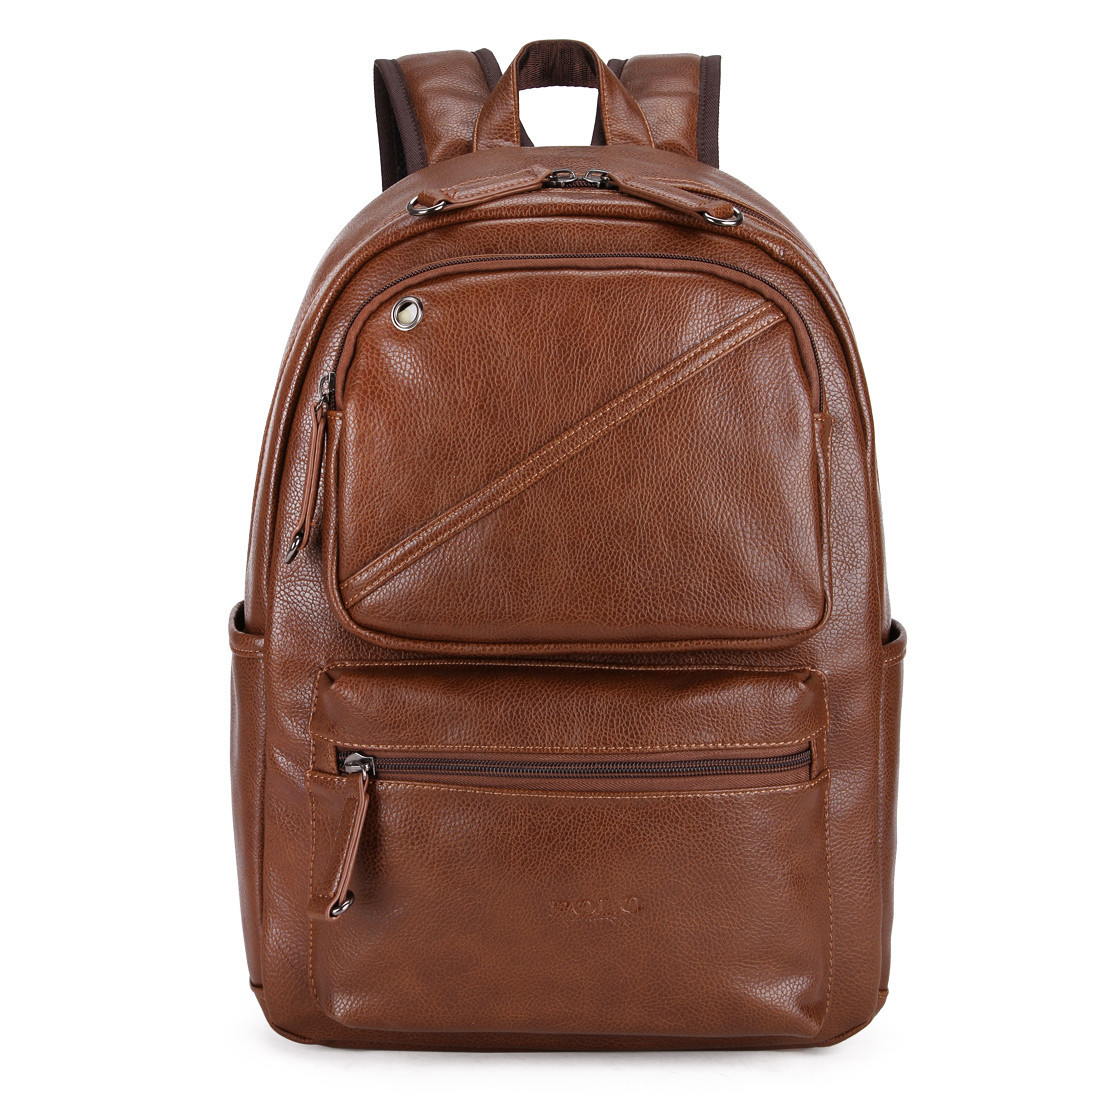 Городской мужской рюкзак  Черный, коричневый.РЮКЗАК ДЛЯ НОУТБУКА, фото 1